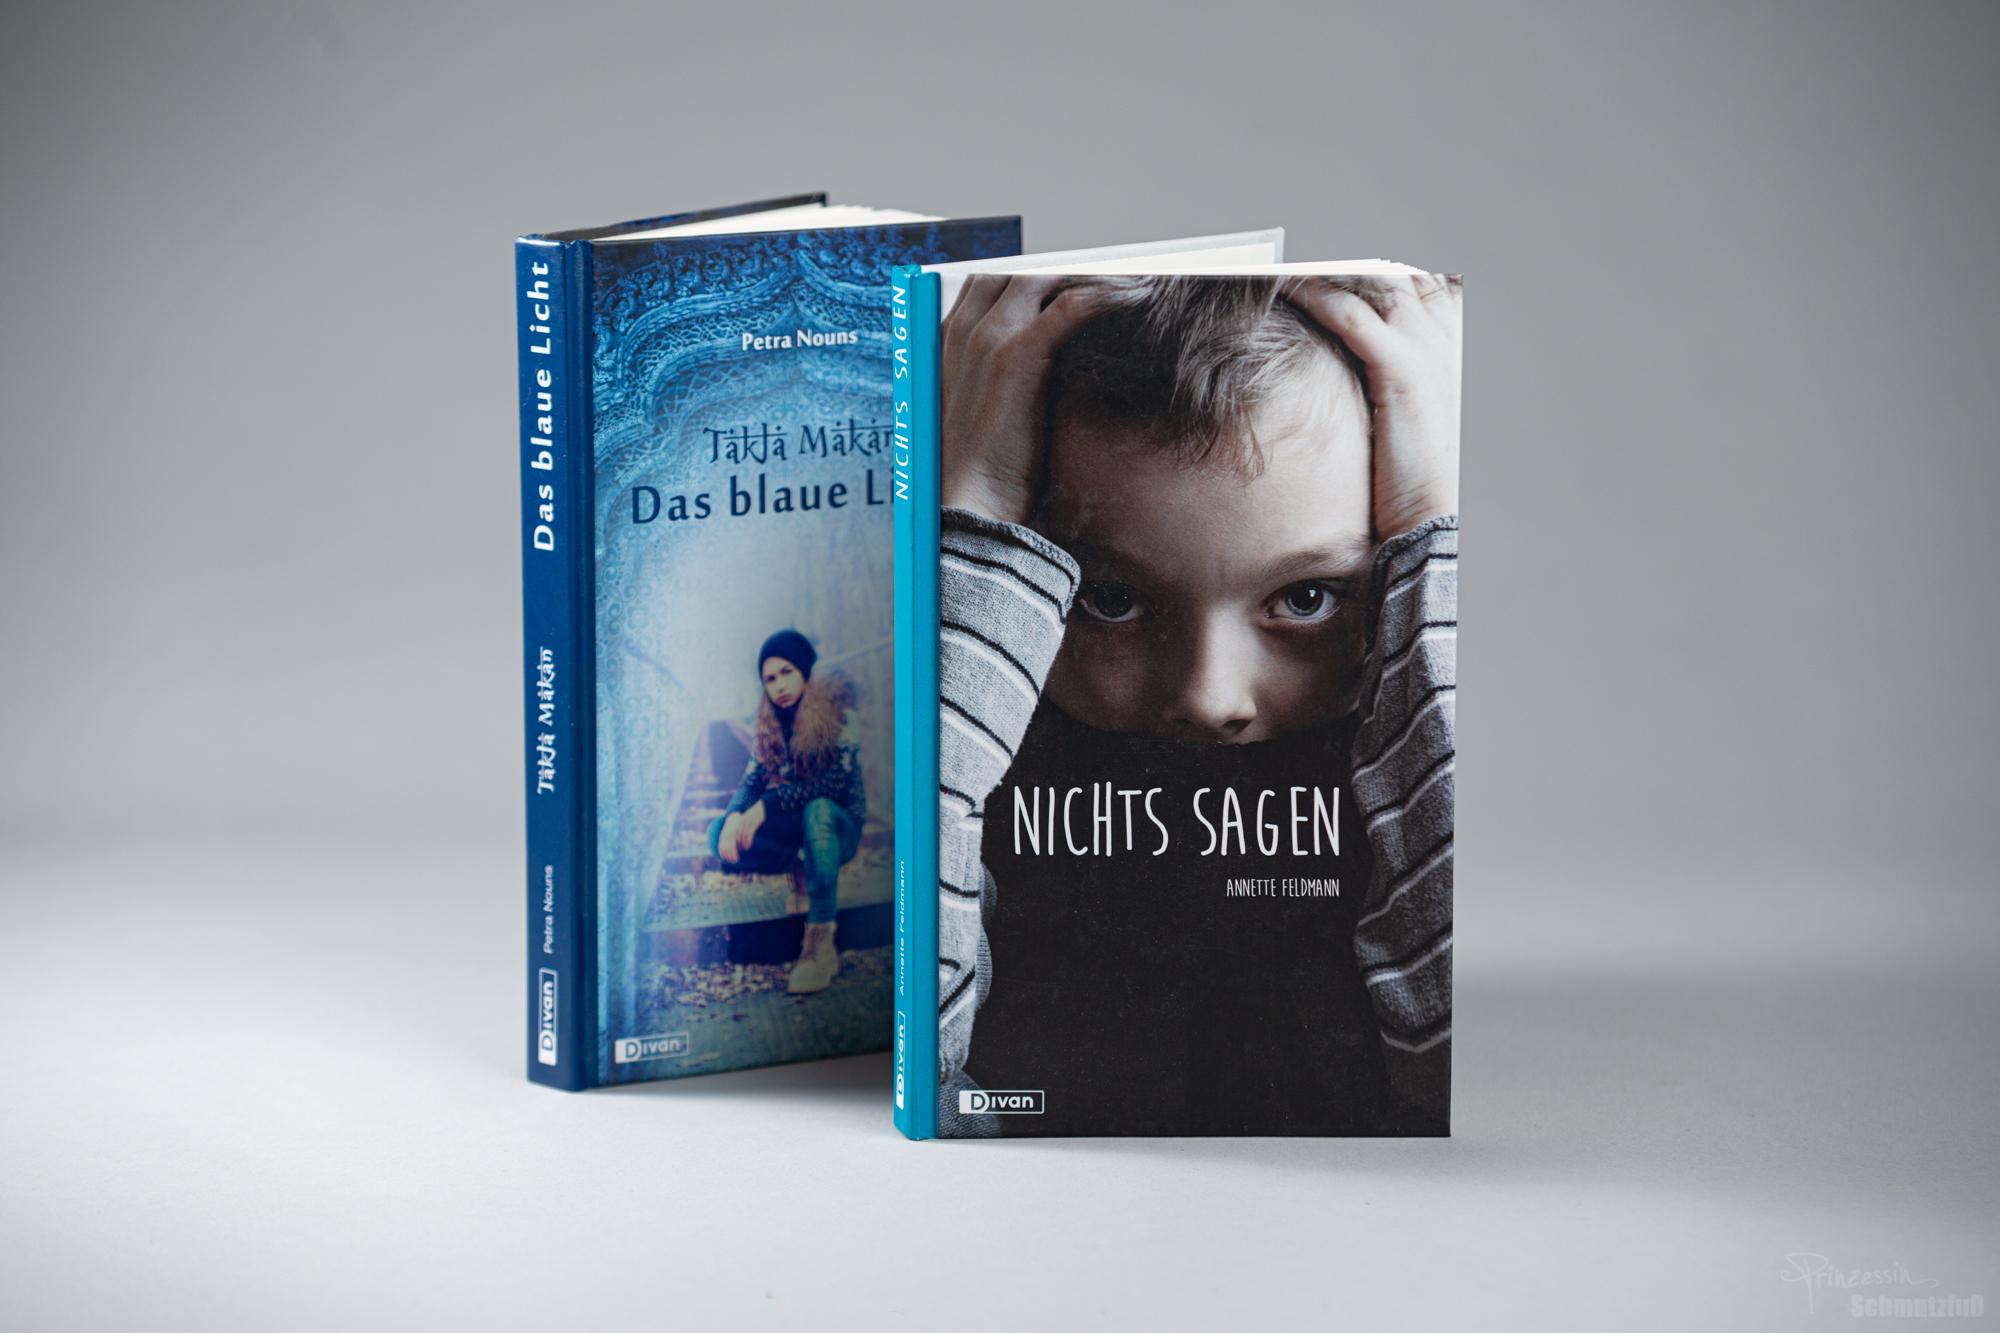 Buchcovergestaltung | Fotorecherche | Fotoretusche | Buchsatz | Divan Verlag Junior